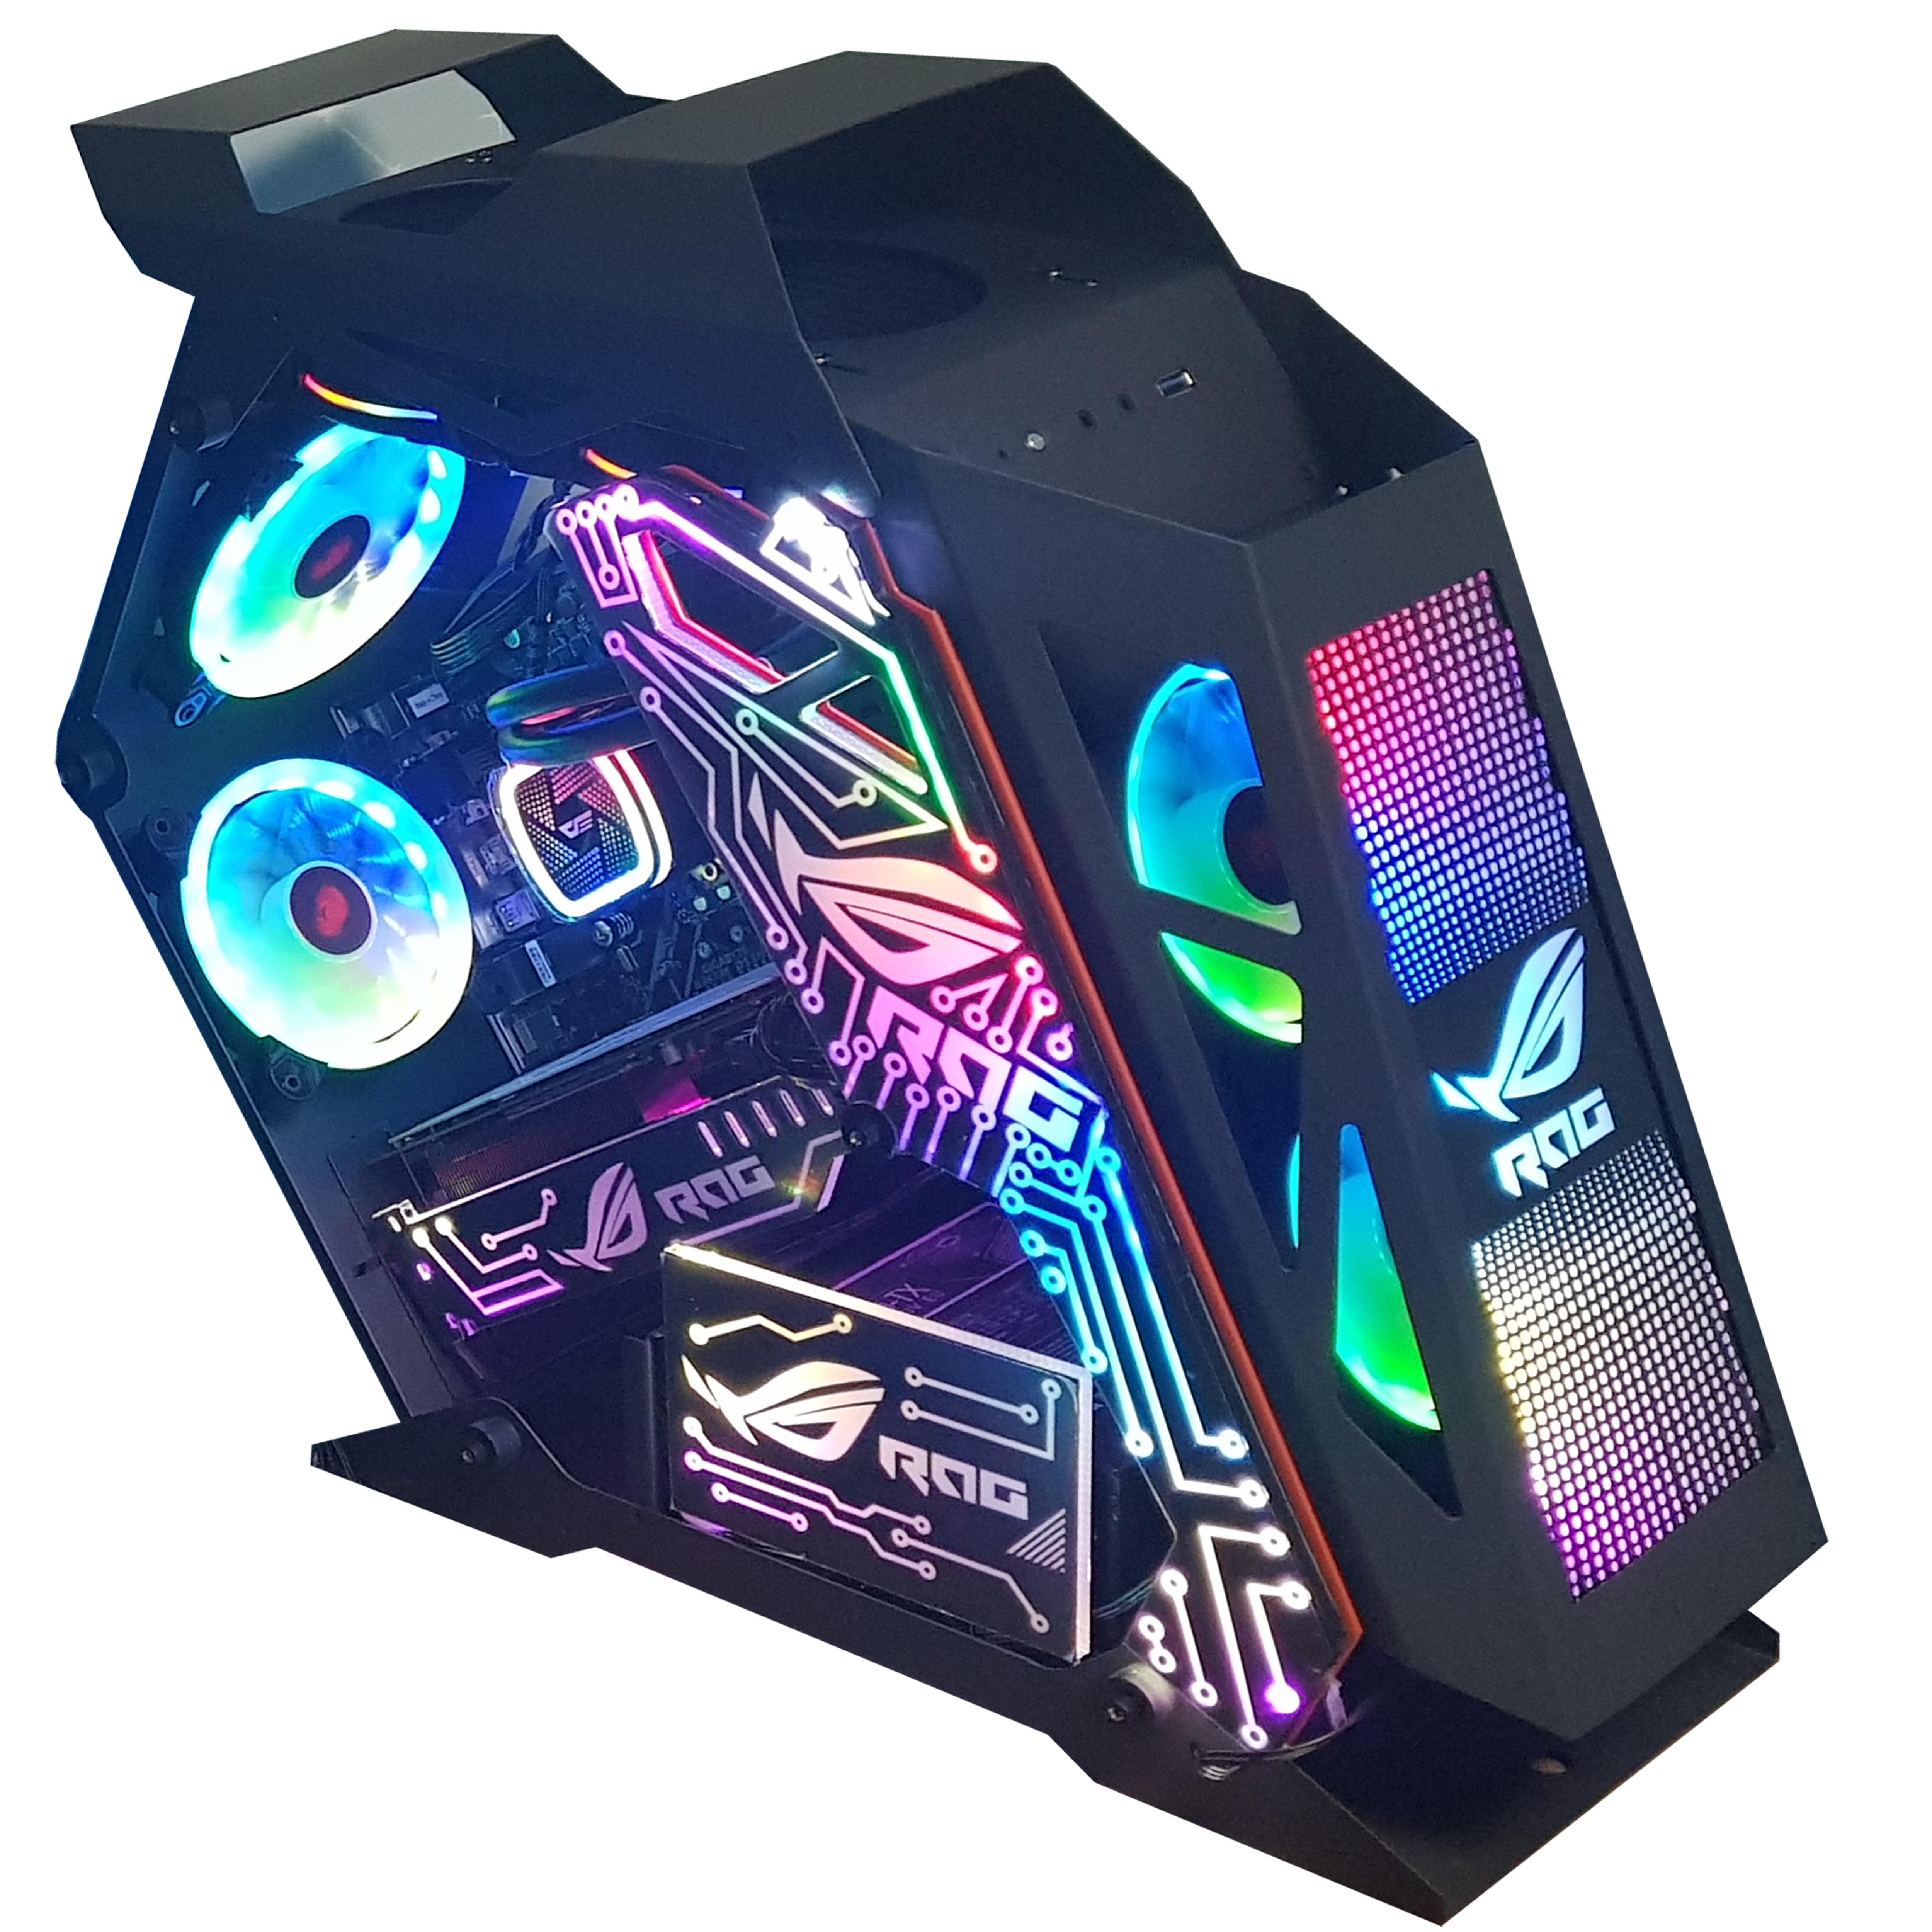 인싸컴 메탈유닛 LED 고사양 게임용pc 배틀그라운드 배그 오버워치 롤 배그컴퓨터, 기본, 블랙